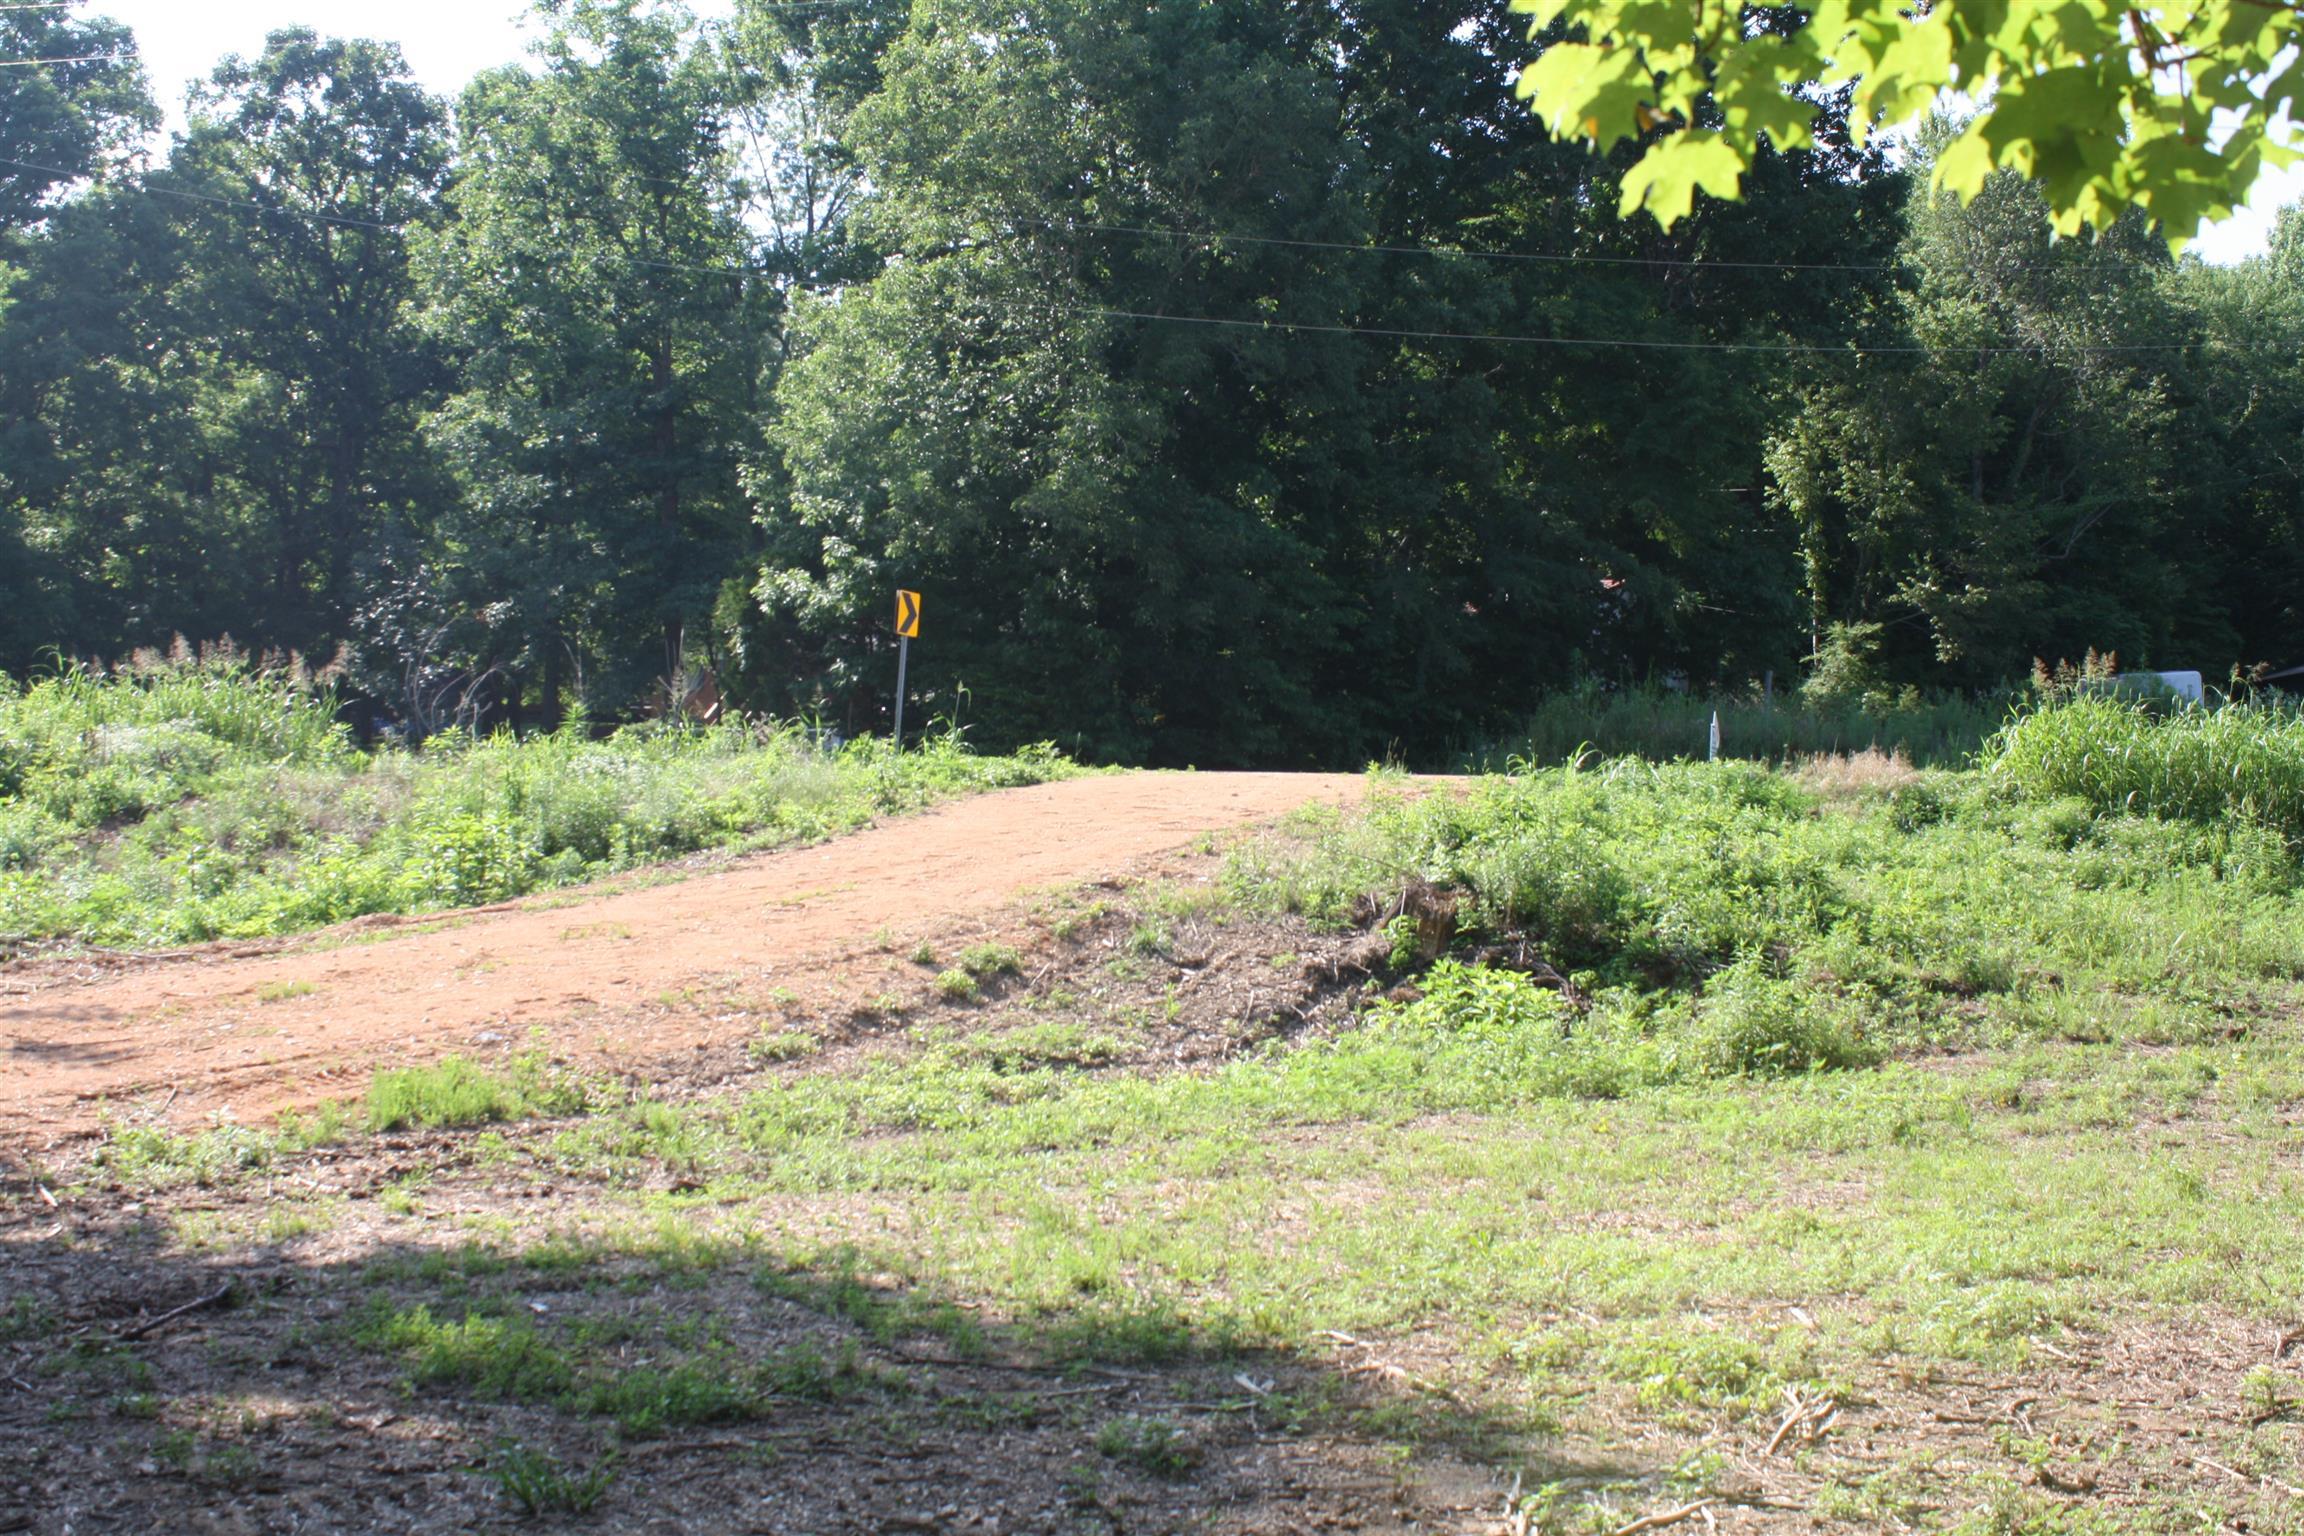 0 Highway 412 W, Linden, TN 37096 - Linden, TN real estate listing